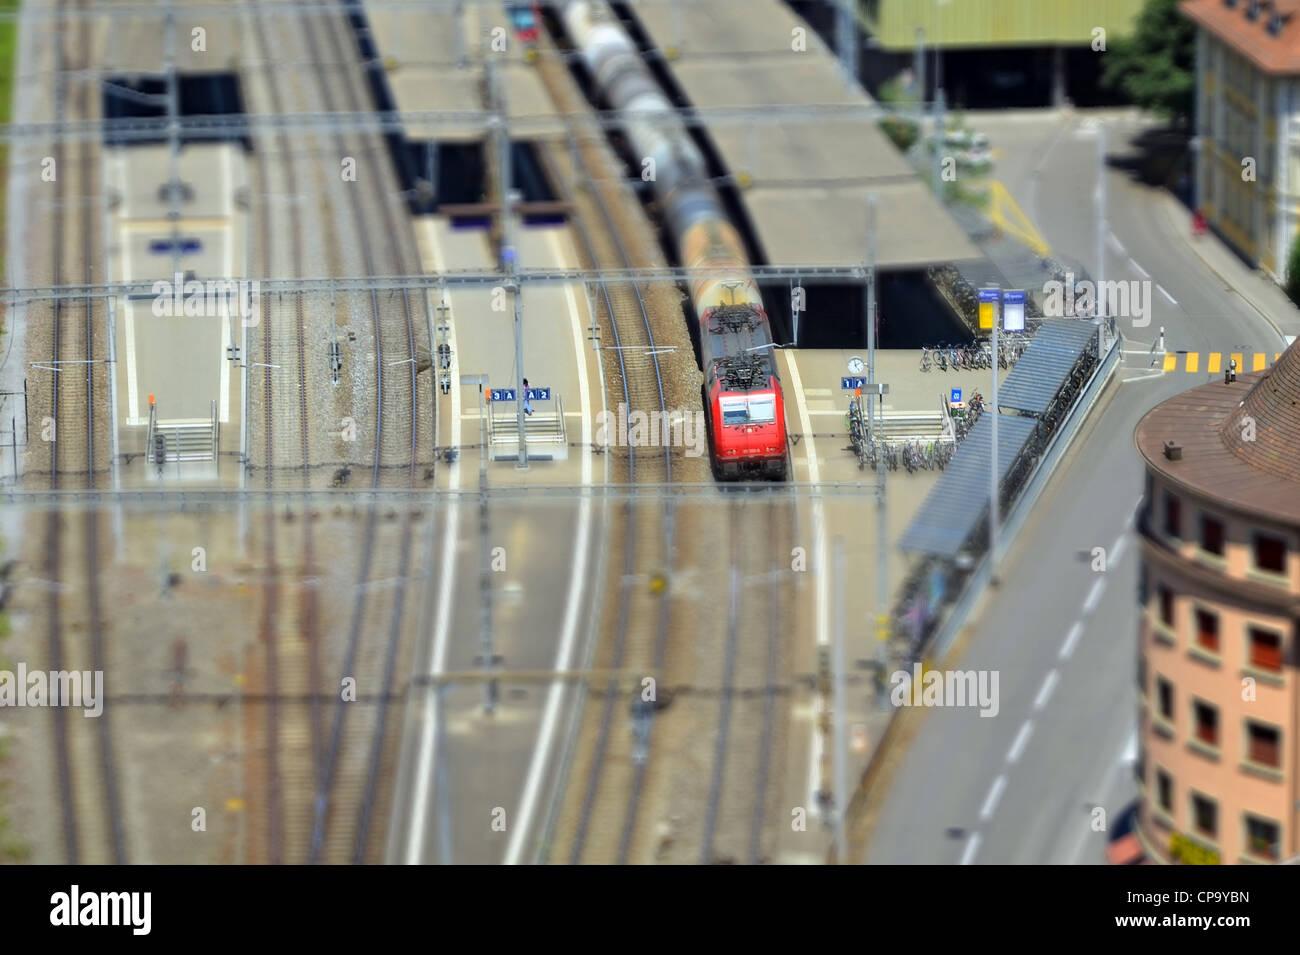 Stazione ferroviaria in Svizzera con inclinazione e spostamento (o Toy) effetto . Immagini Stock